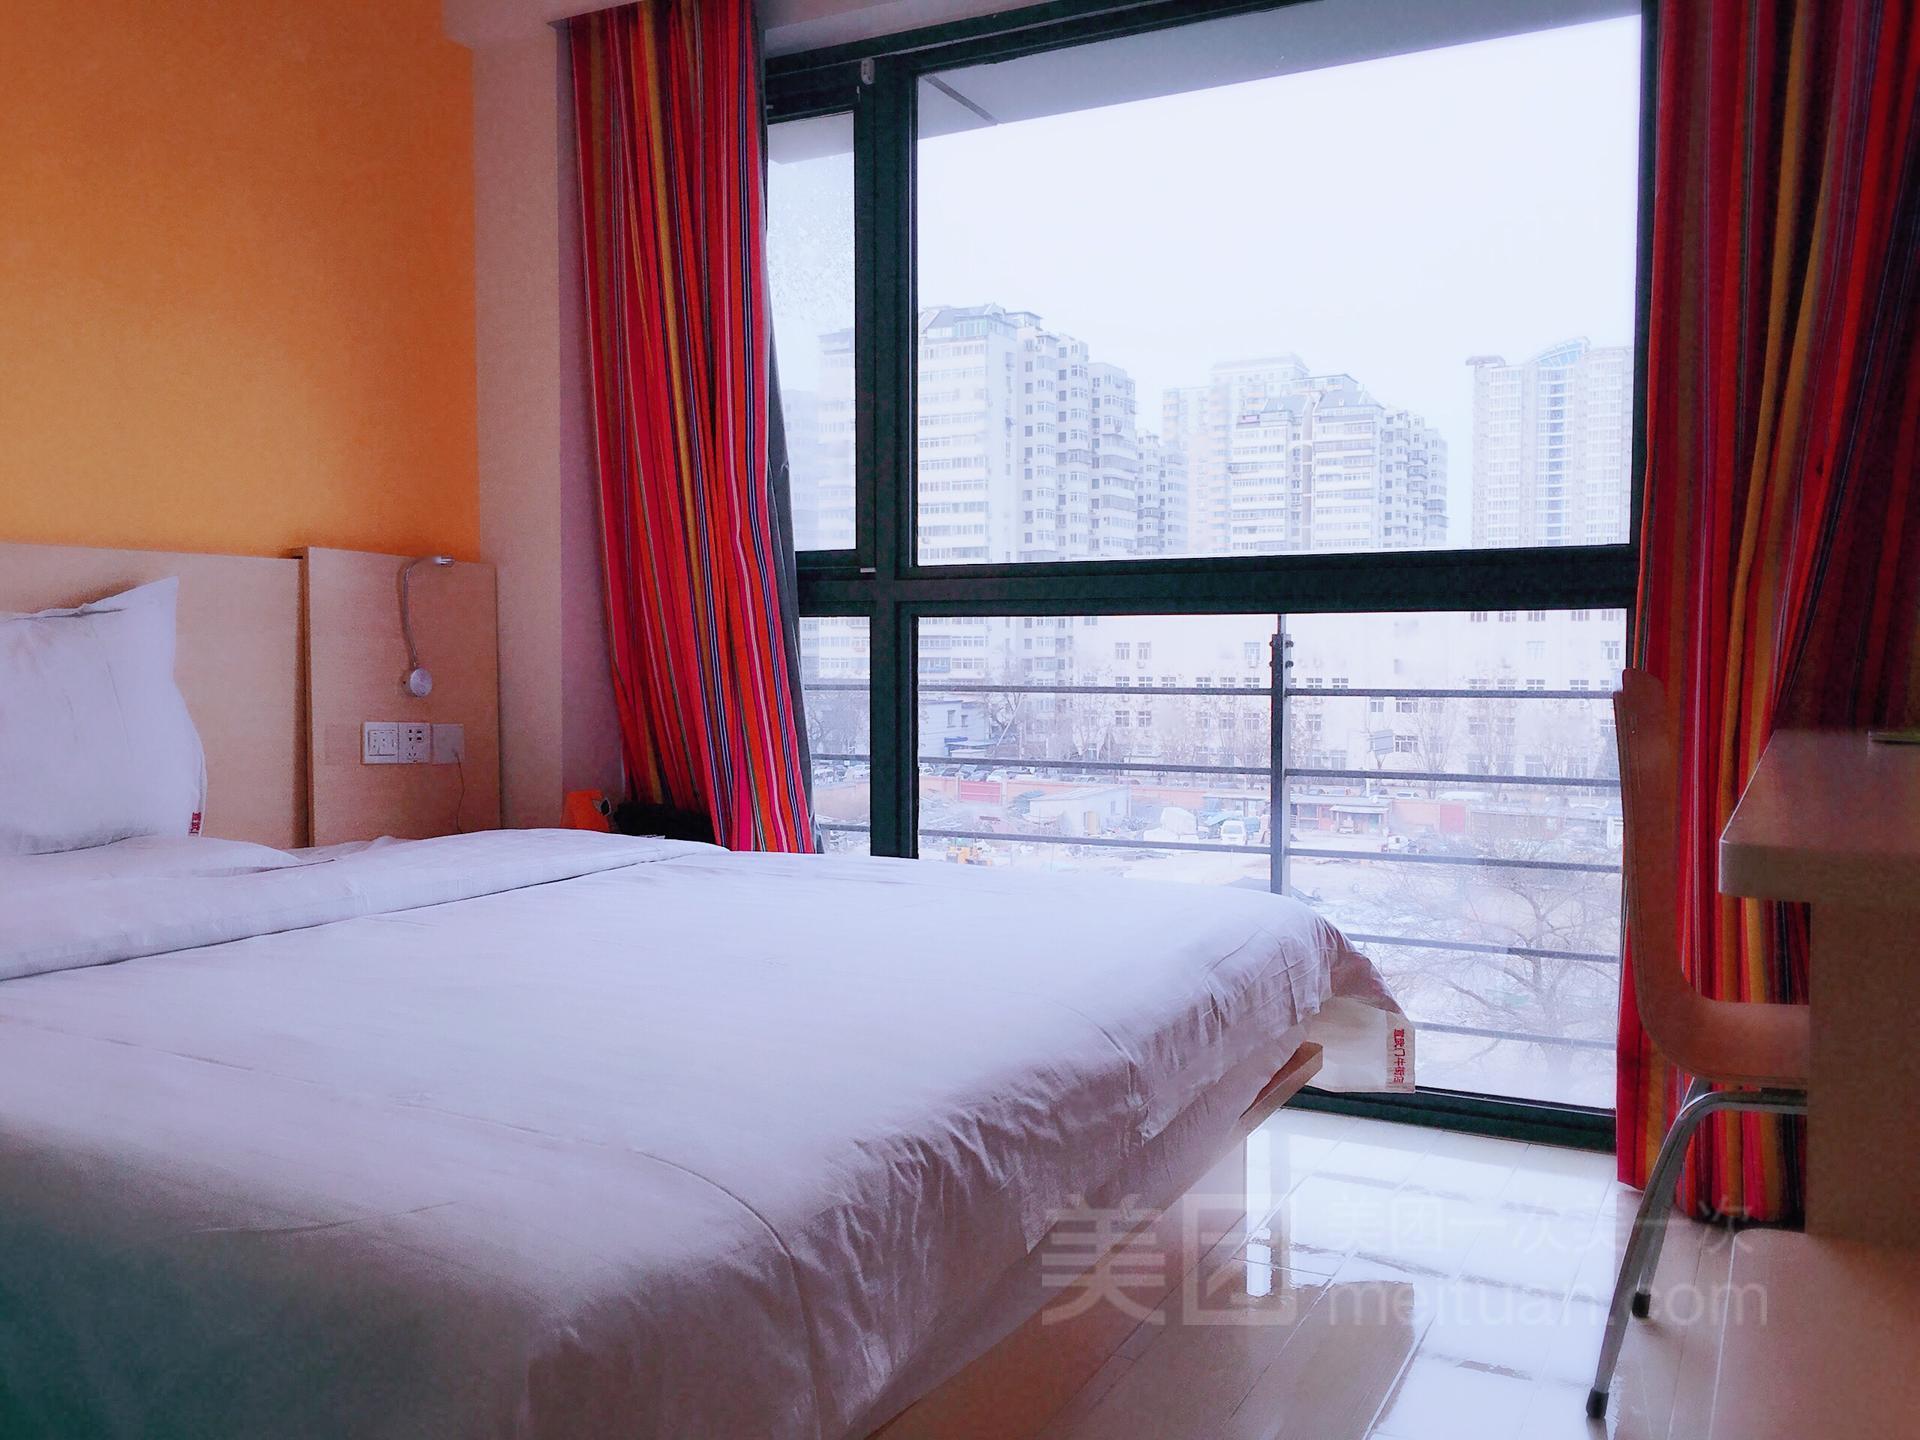 7天连锁酒店(北京广安门内地铁站牛街店)预订/团购